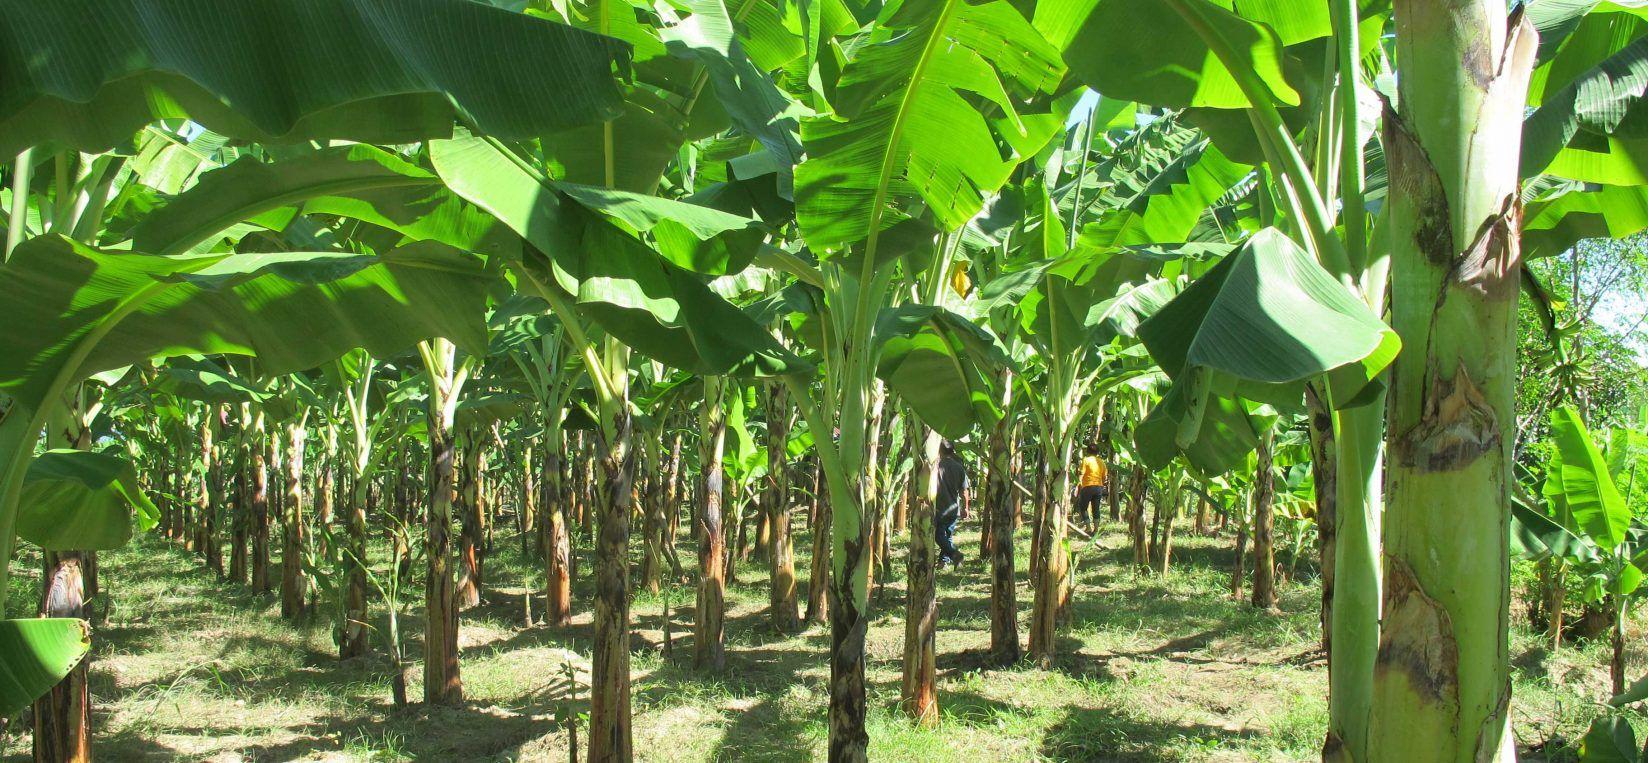 Pin On Exotic Home Backyard farming in nigeria